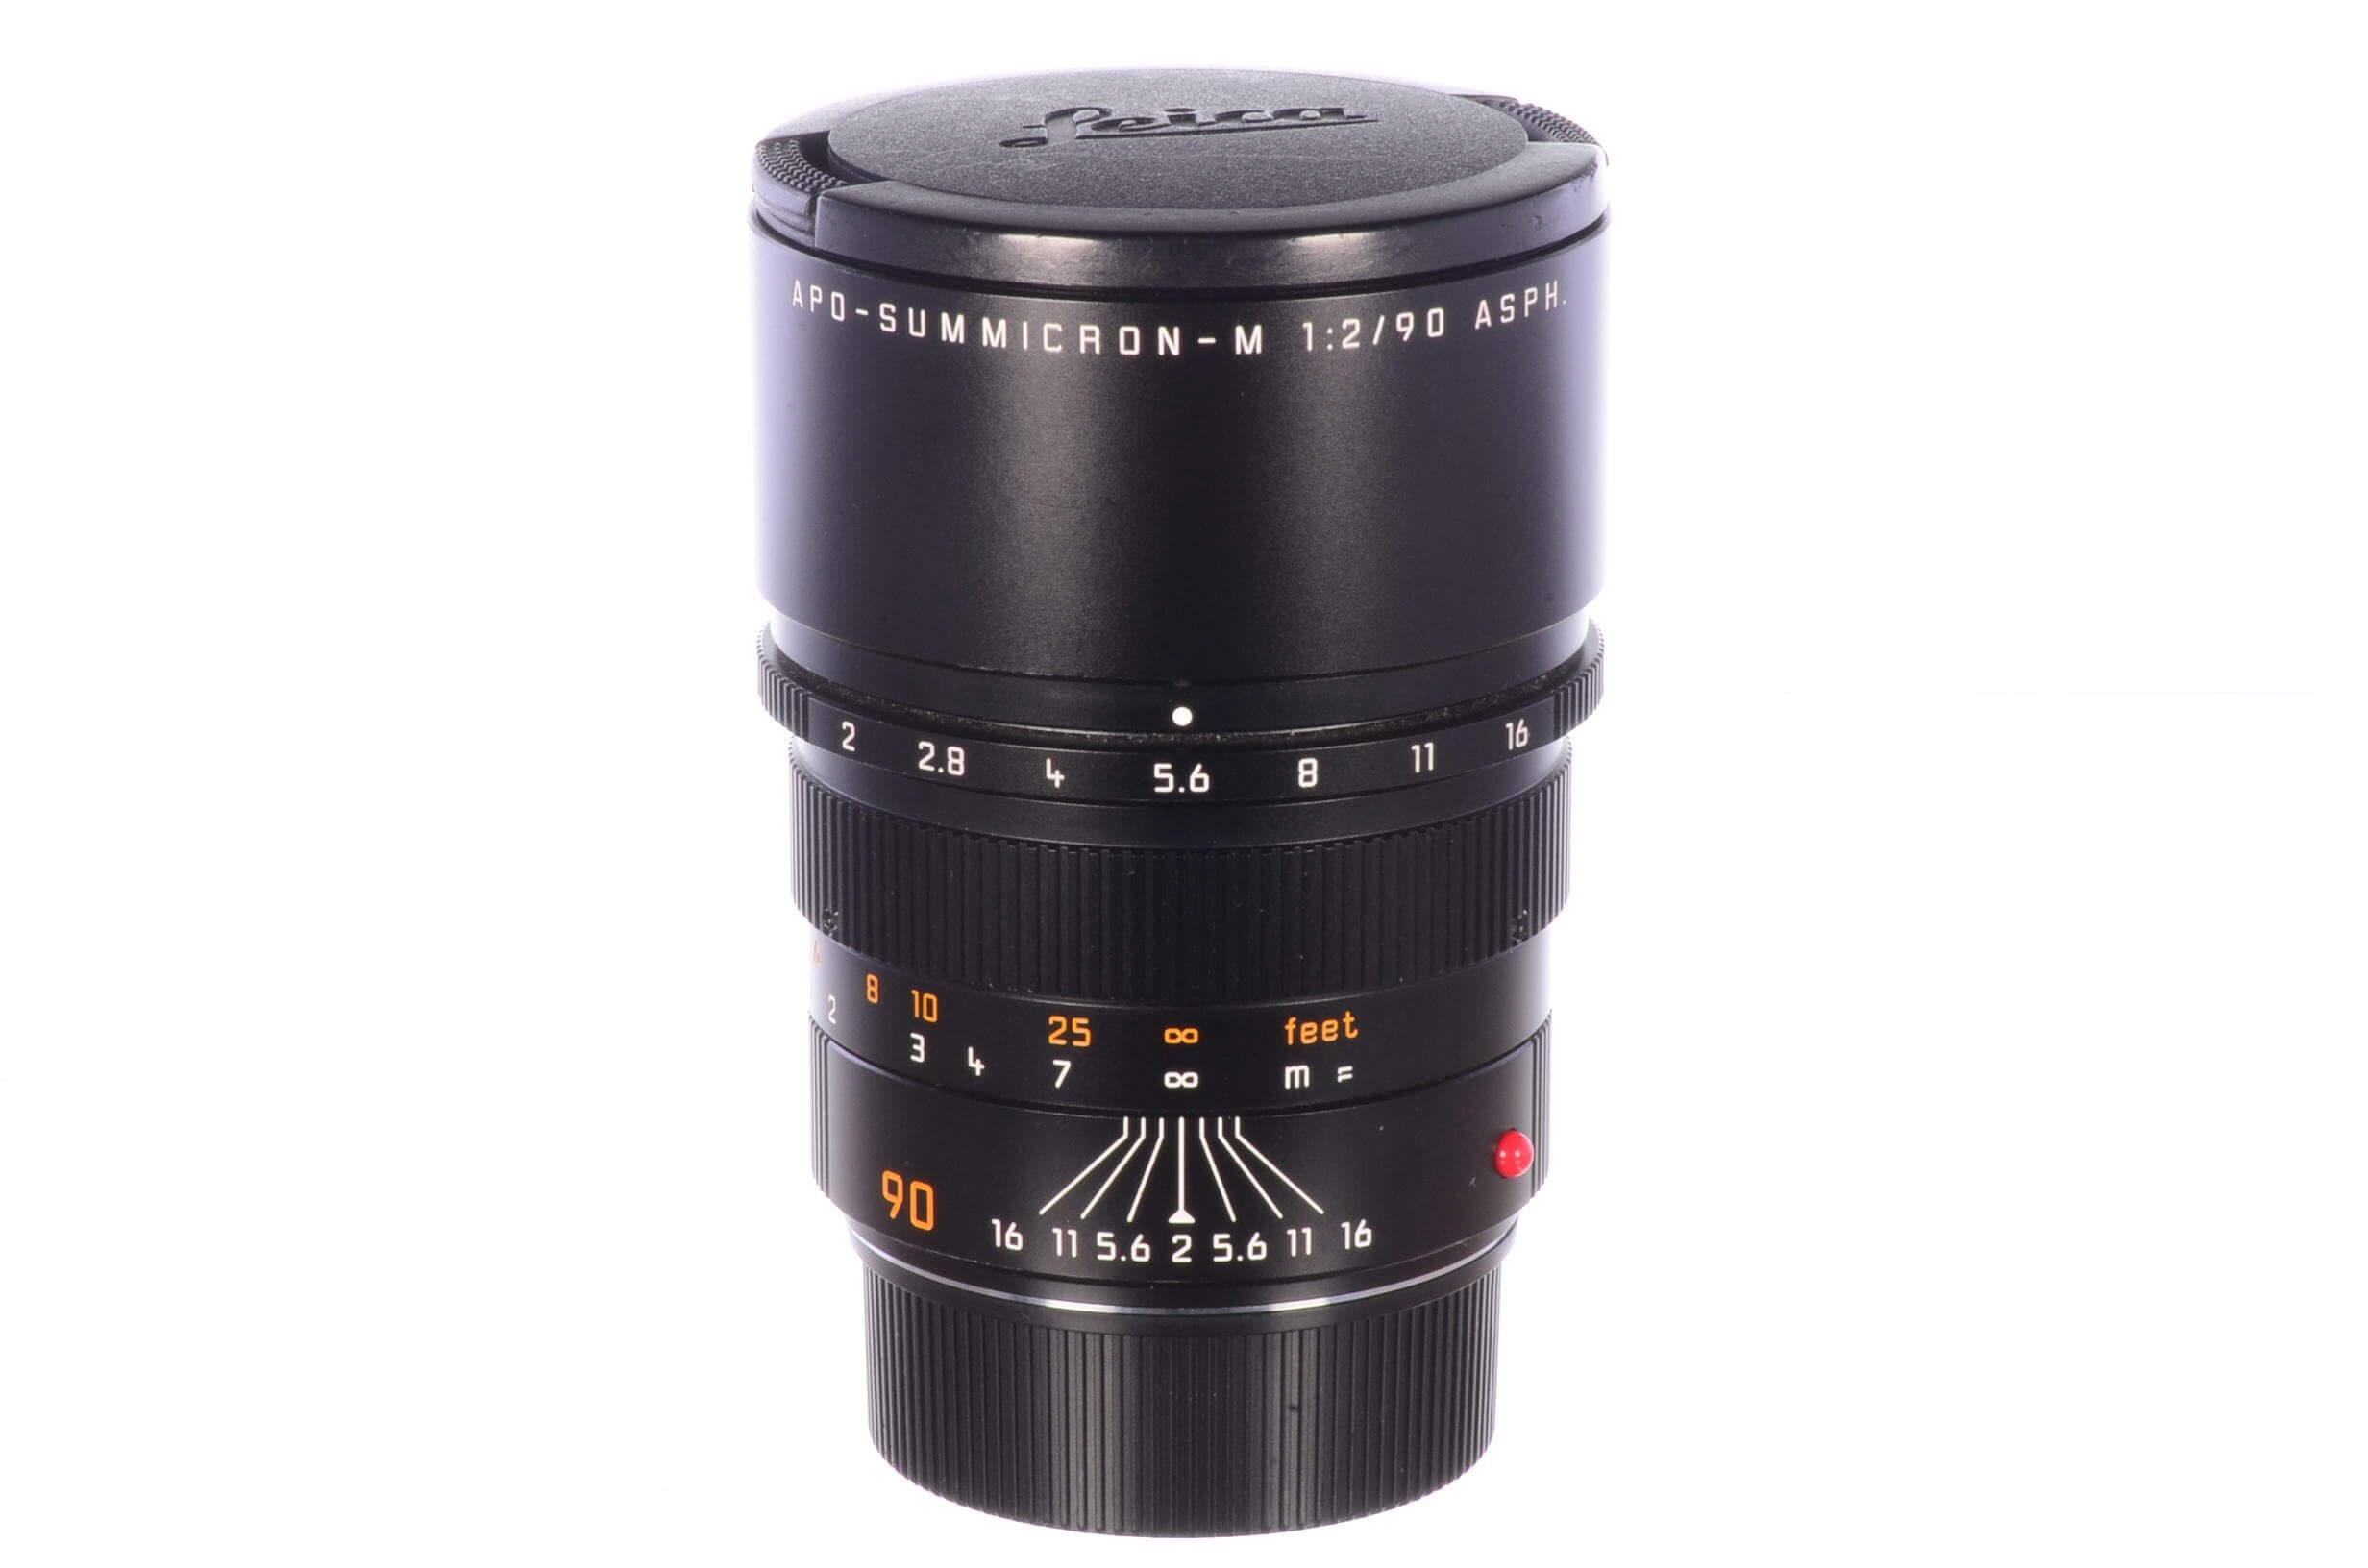 Leica 90mm f2 Apo-Summicron M ASPH, 6-bit